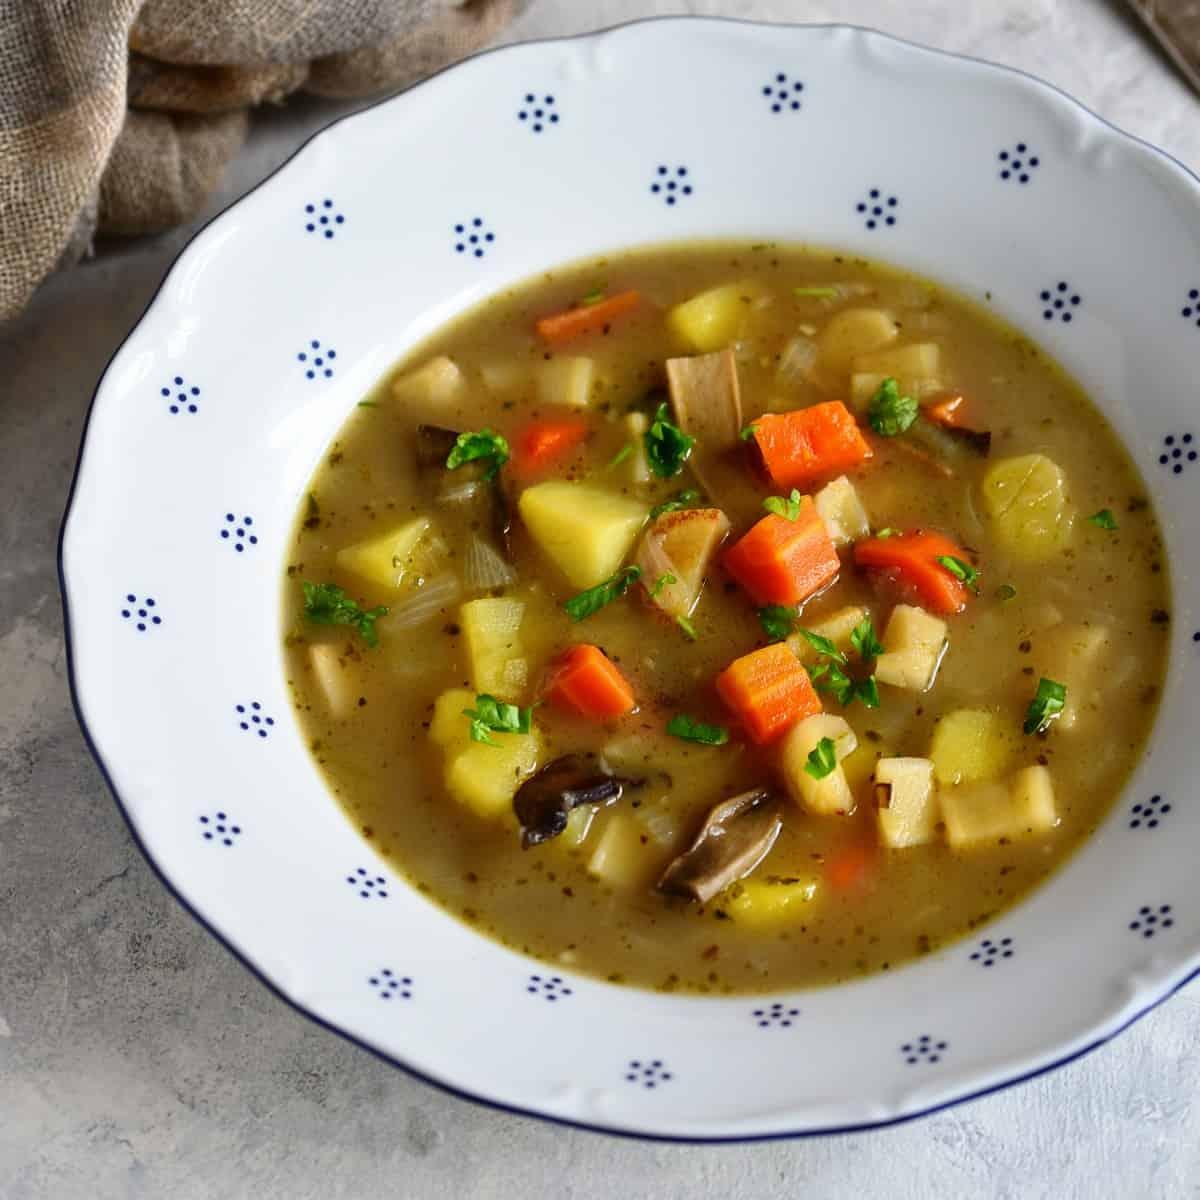 bramboracka Czech potato soup served